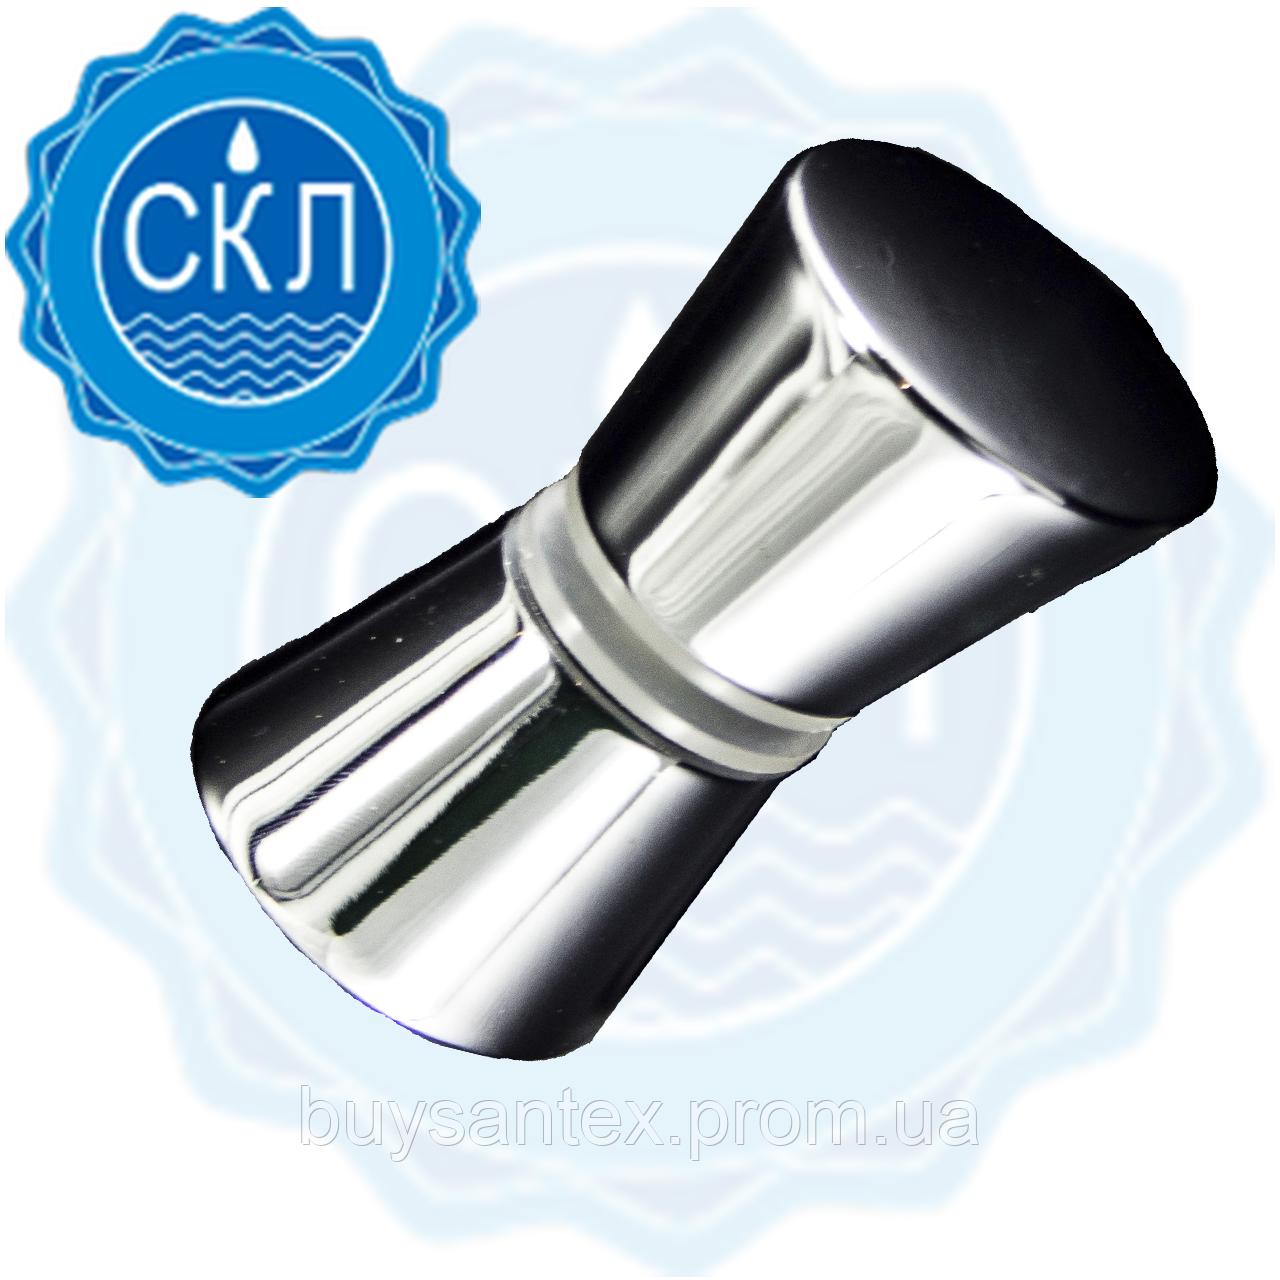 Ручка для дверей душевой кабины ( H-01 ) Металлическая, хромированная, на одно отверстие.